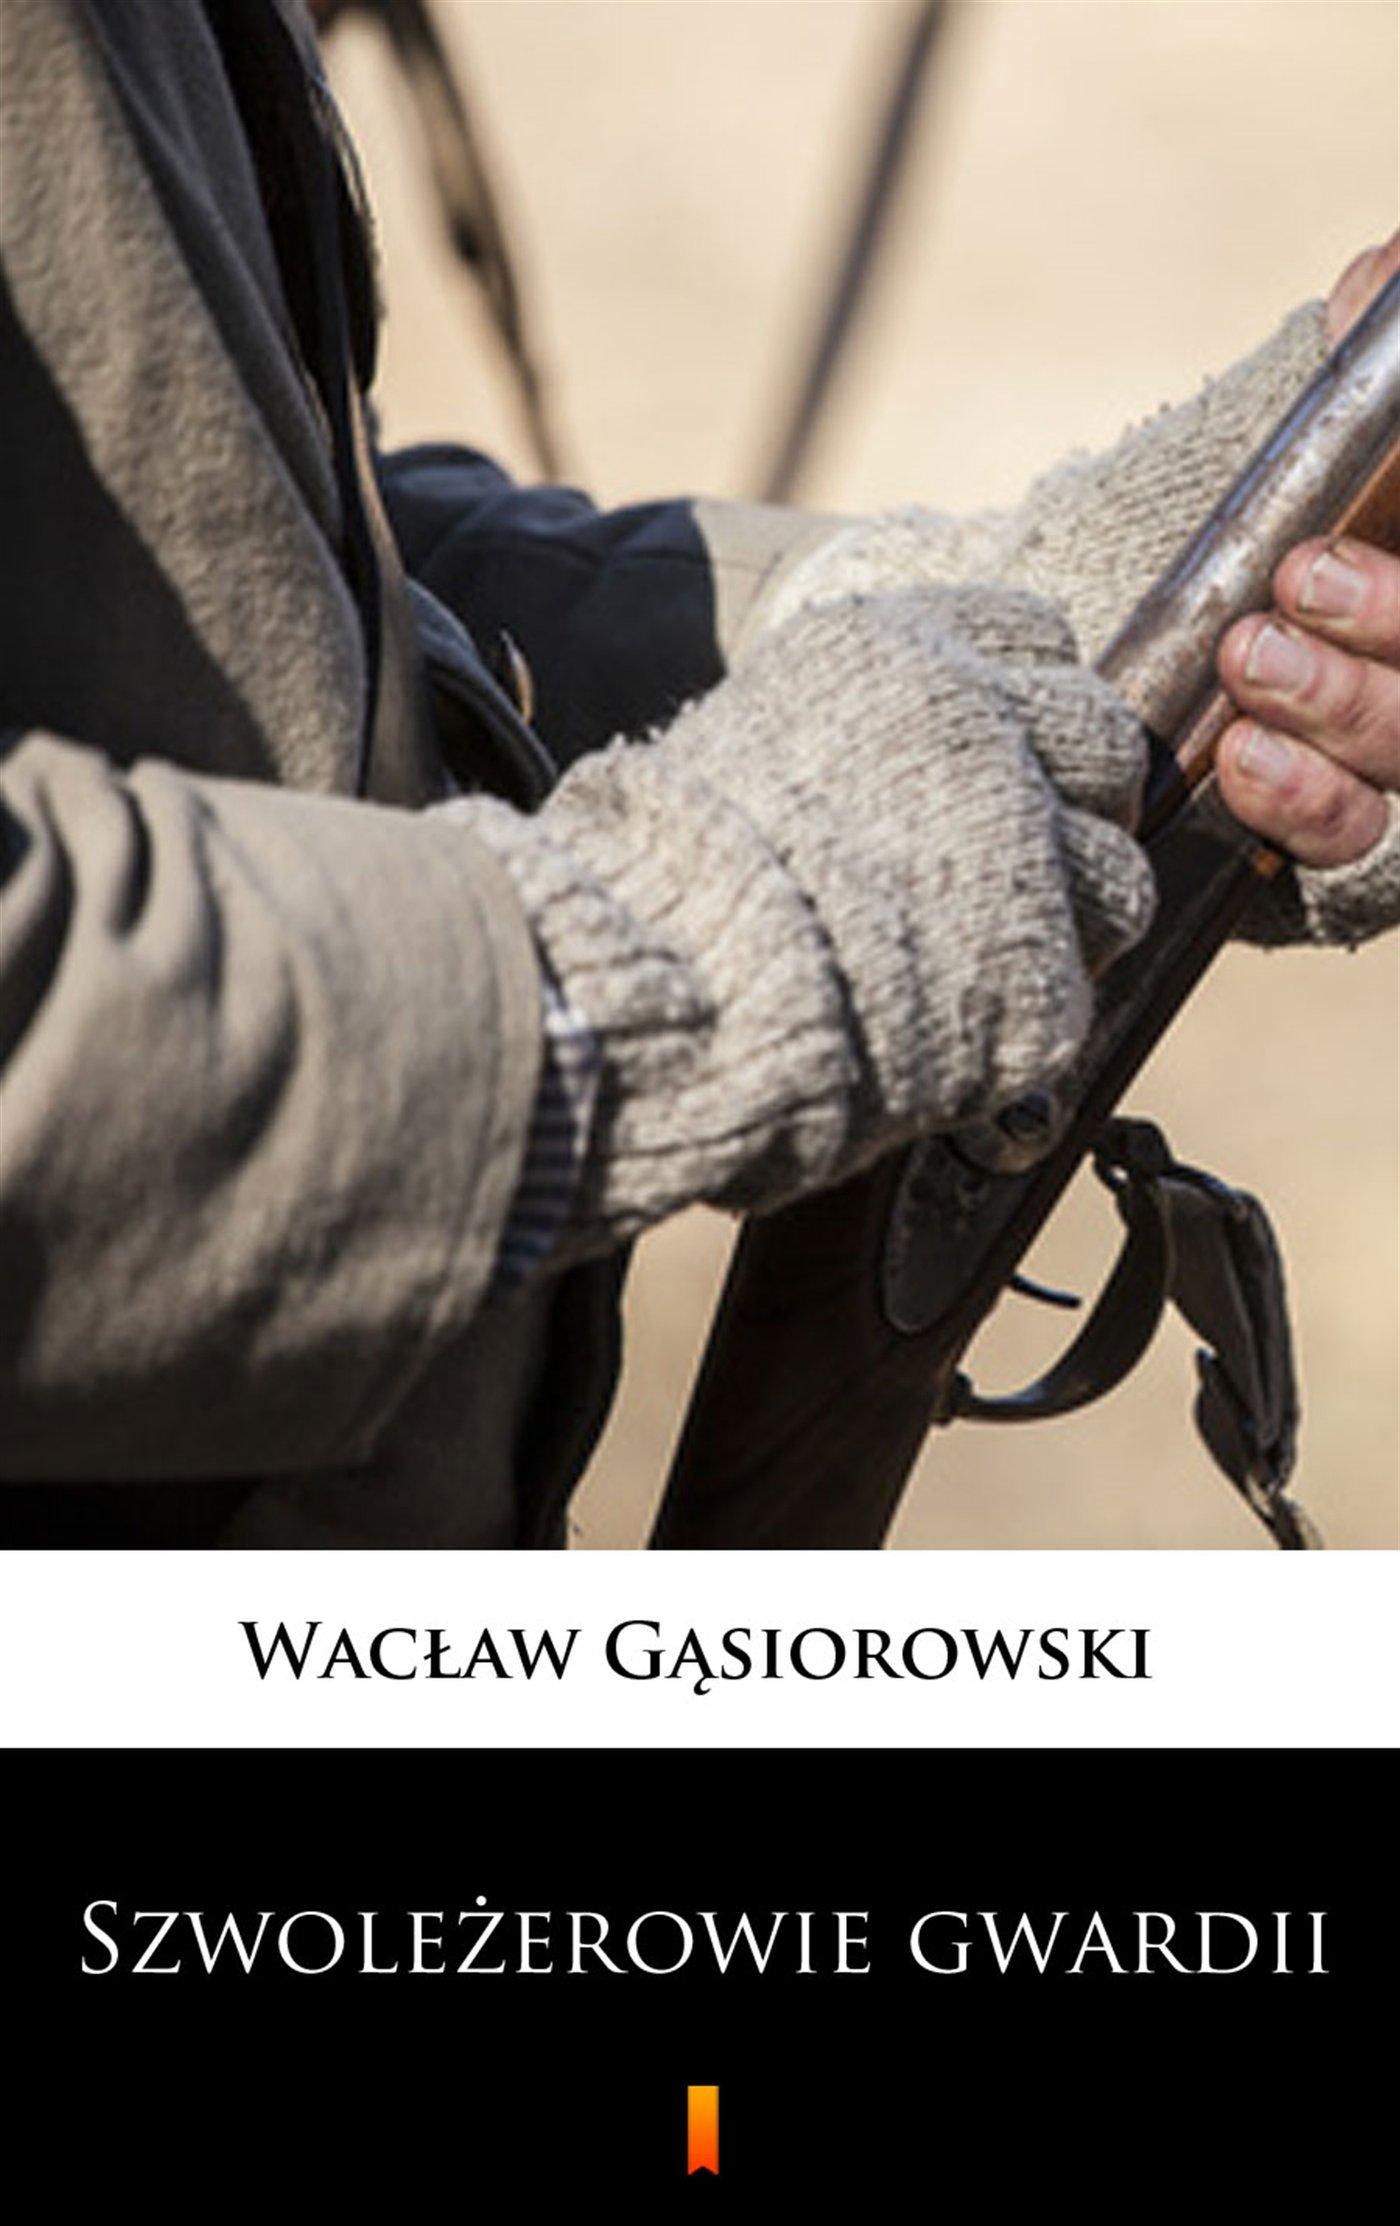 Szwoleżerowie gwardii - Ebook (Książka EPUB) do pobrania w formacie EPUB